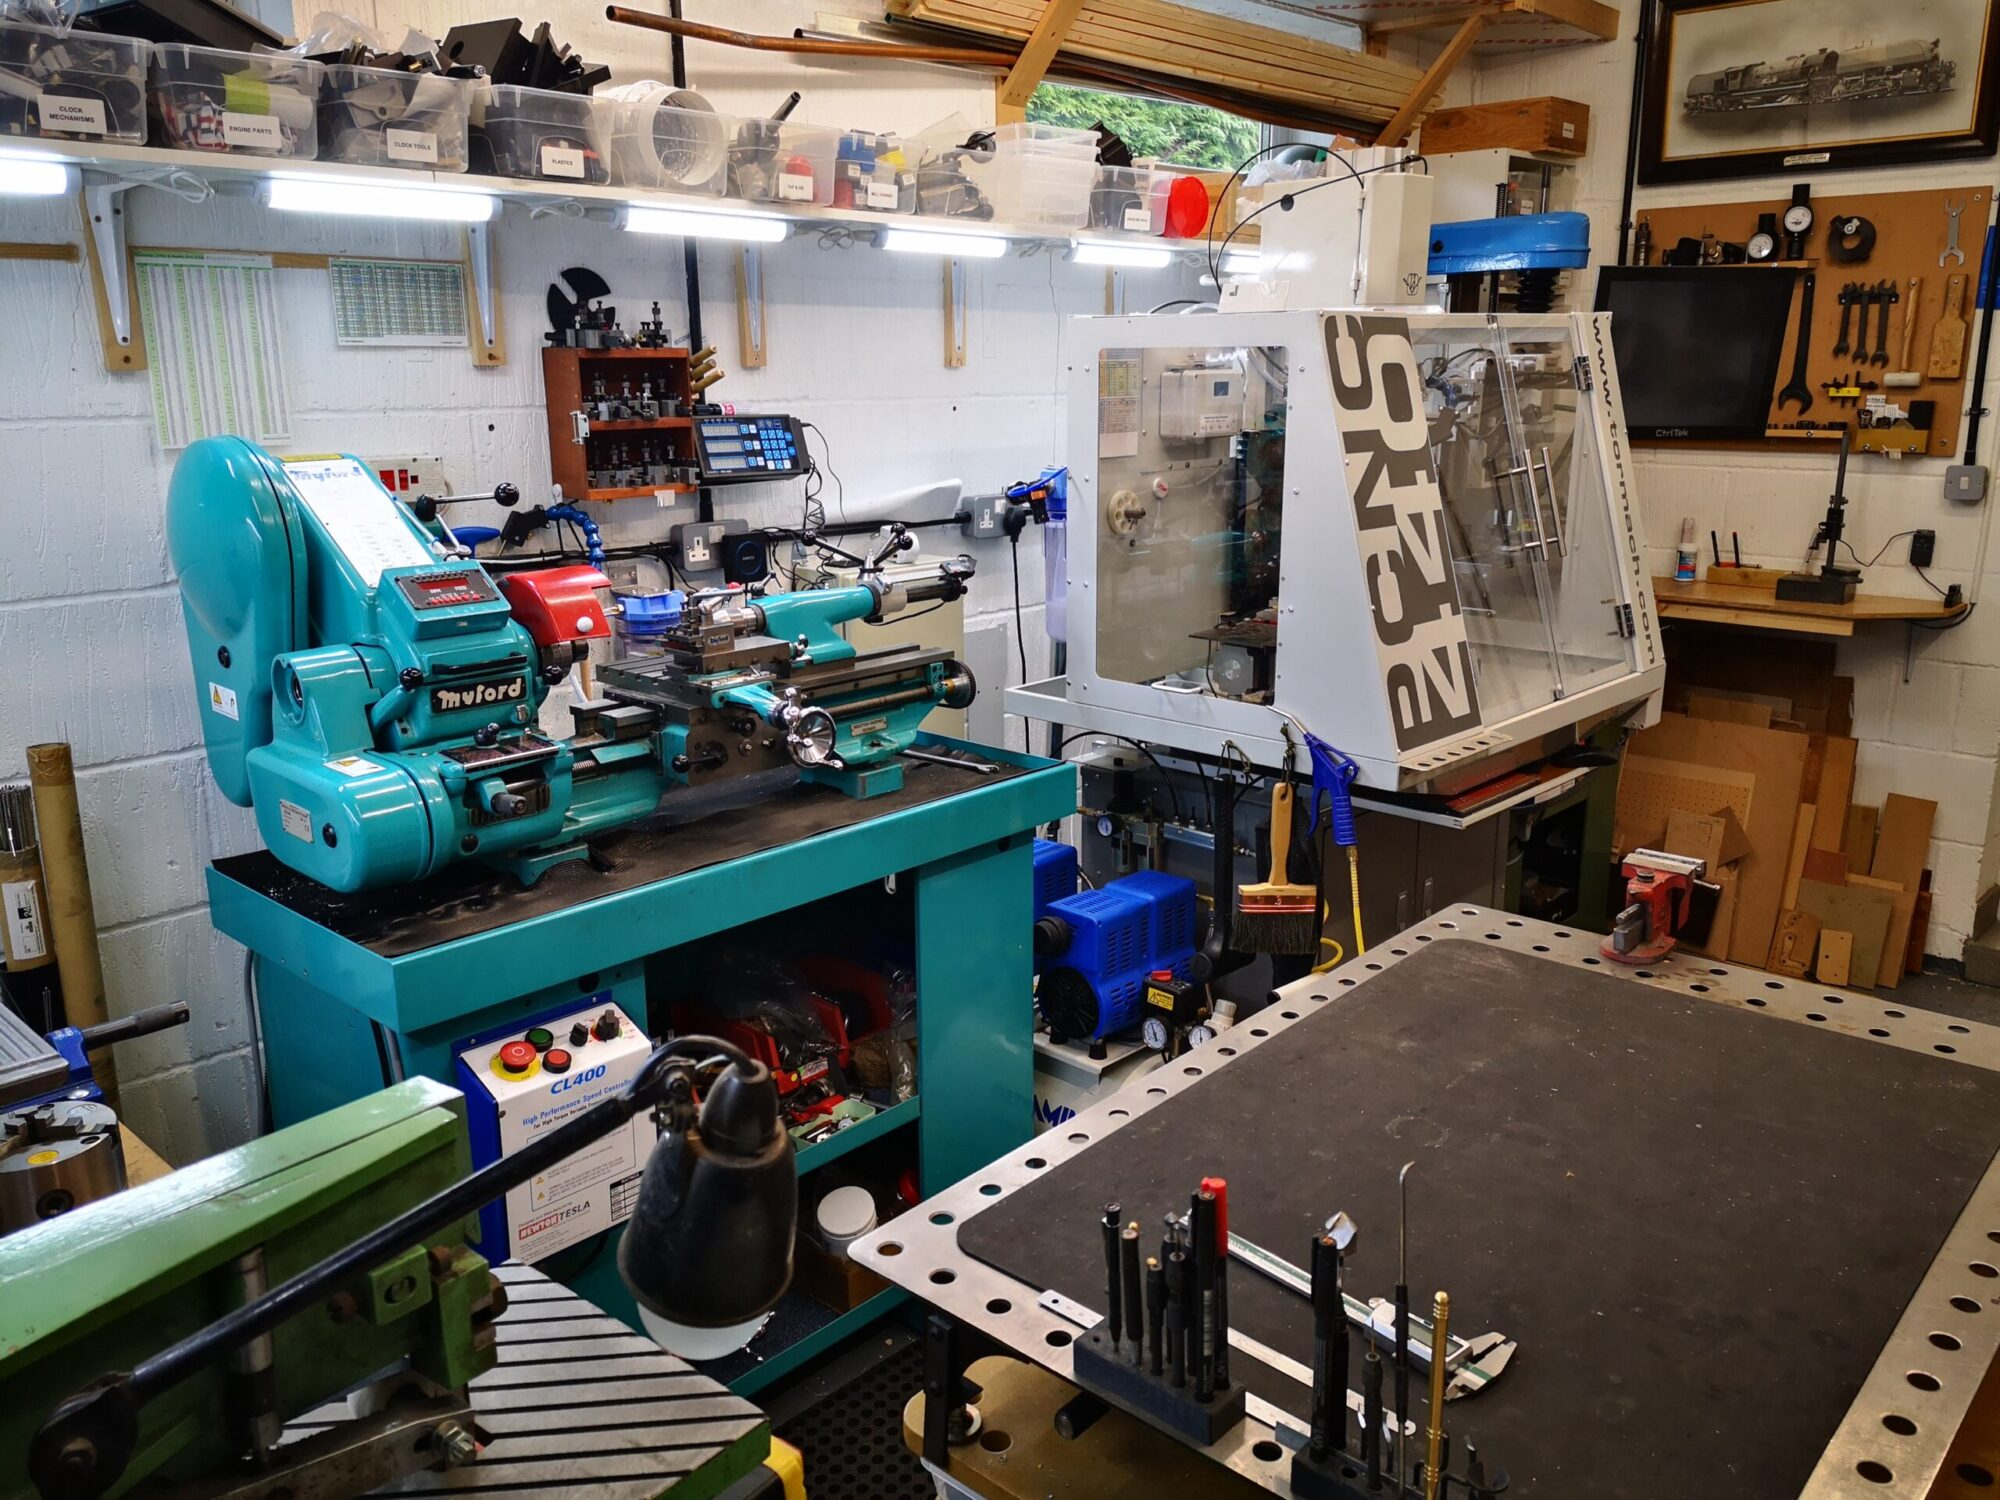 Woody's Workshop